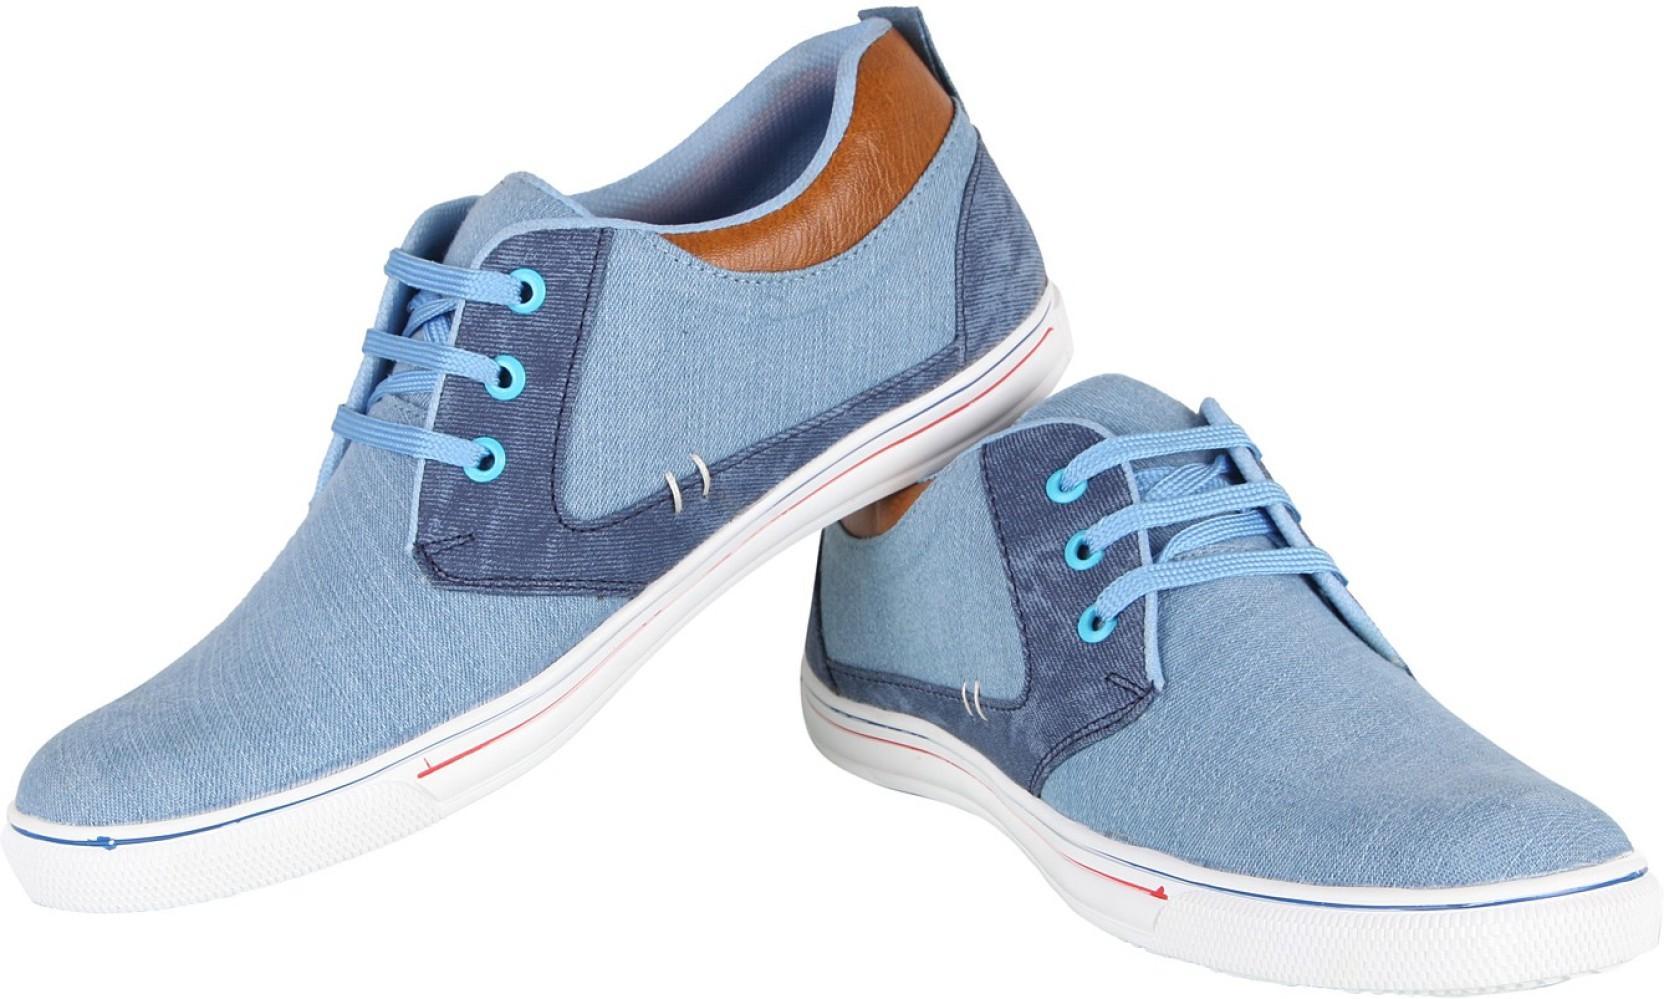 Aarnato Sky Blue - 5020 Sneakers(Multicolor)